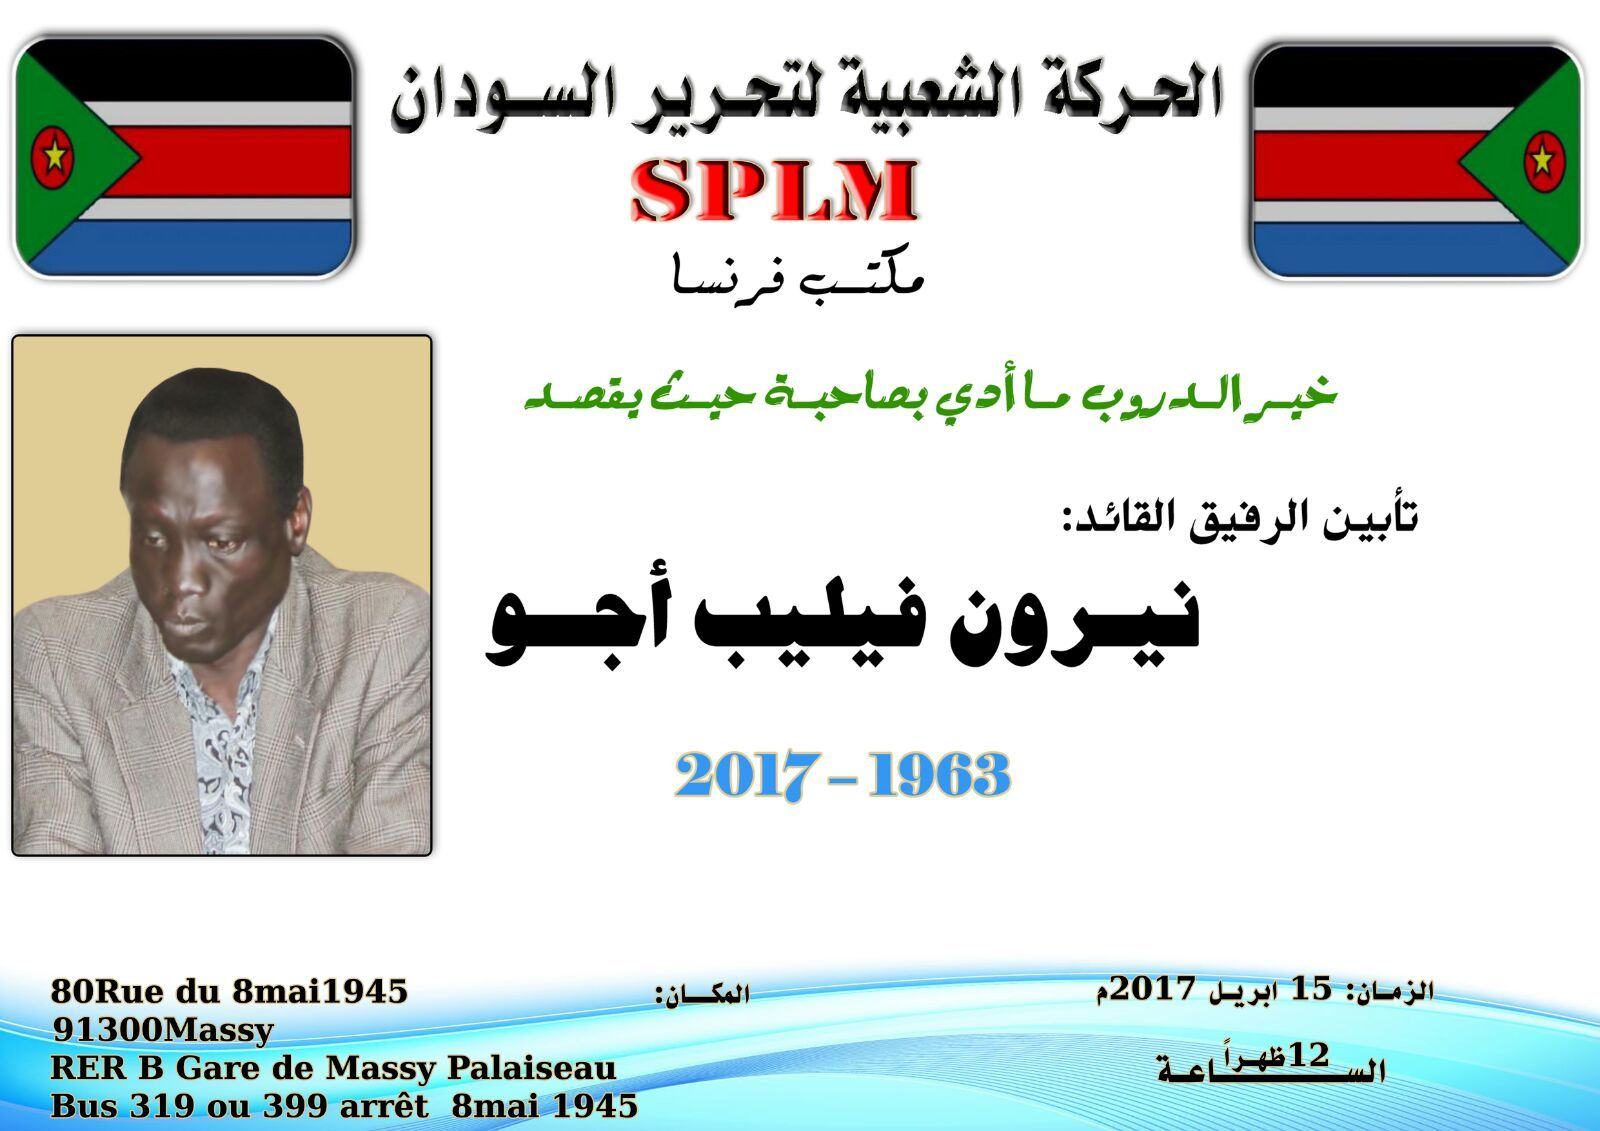 الحركة الشعبية لتحرير السودان -فرنسا تقيم تابين للراحل المقيم الرفيق نيرون فيليب اجو بمدينة